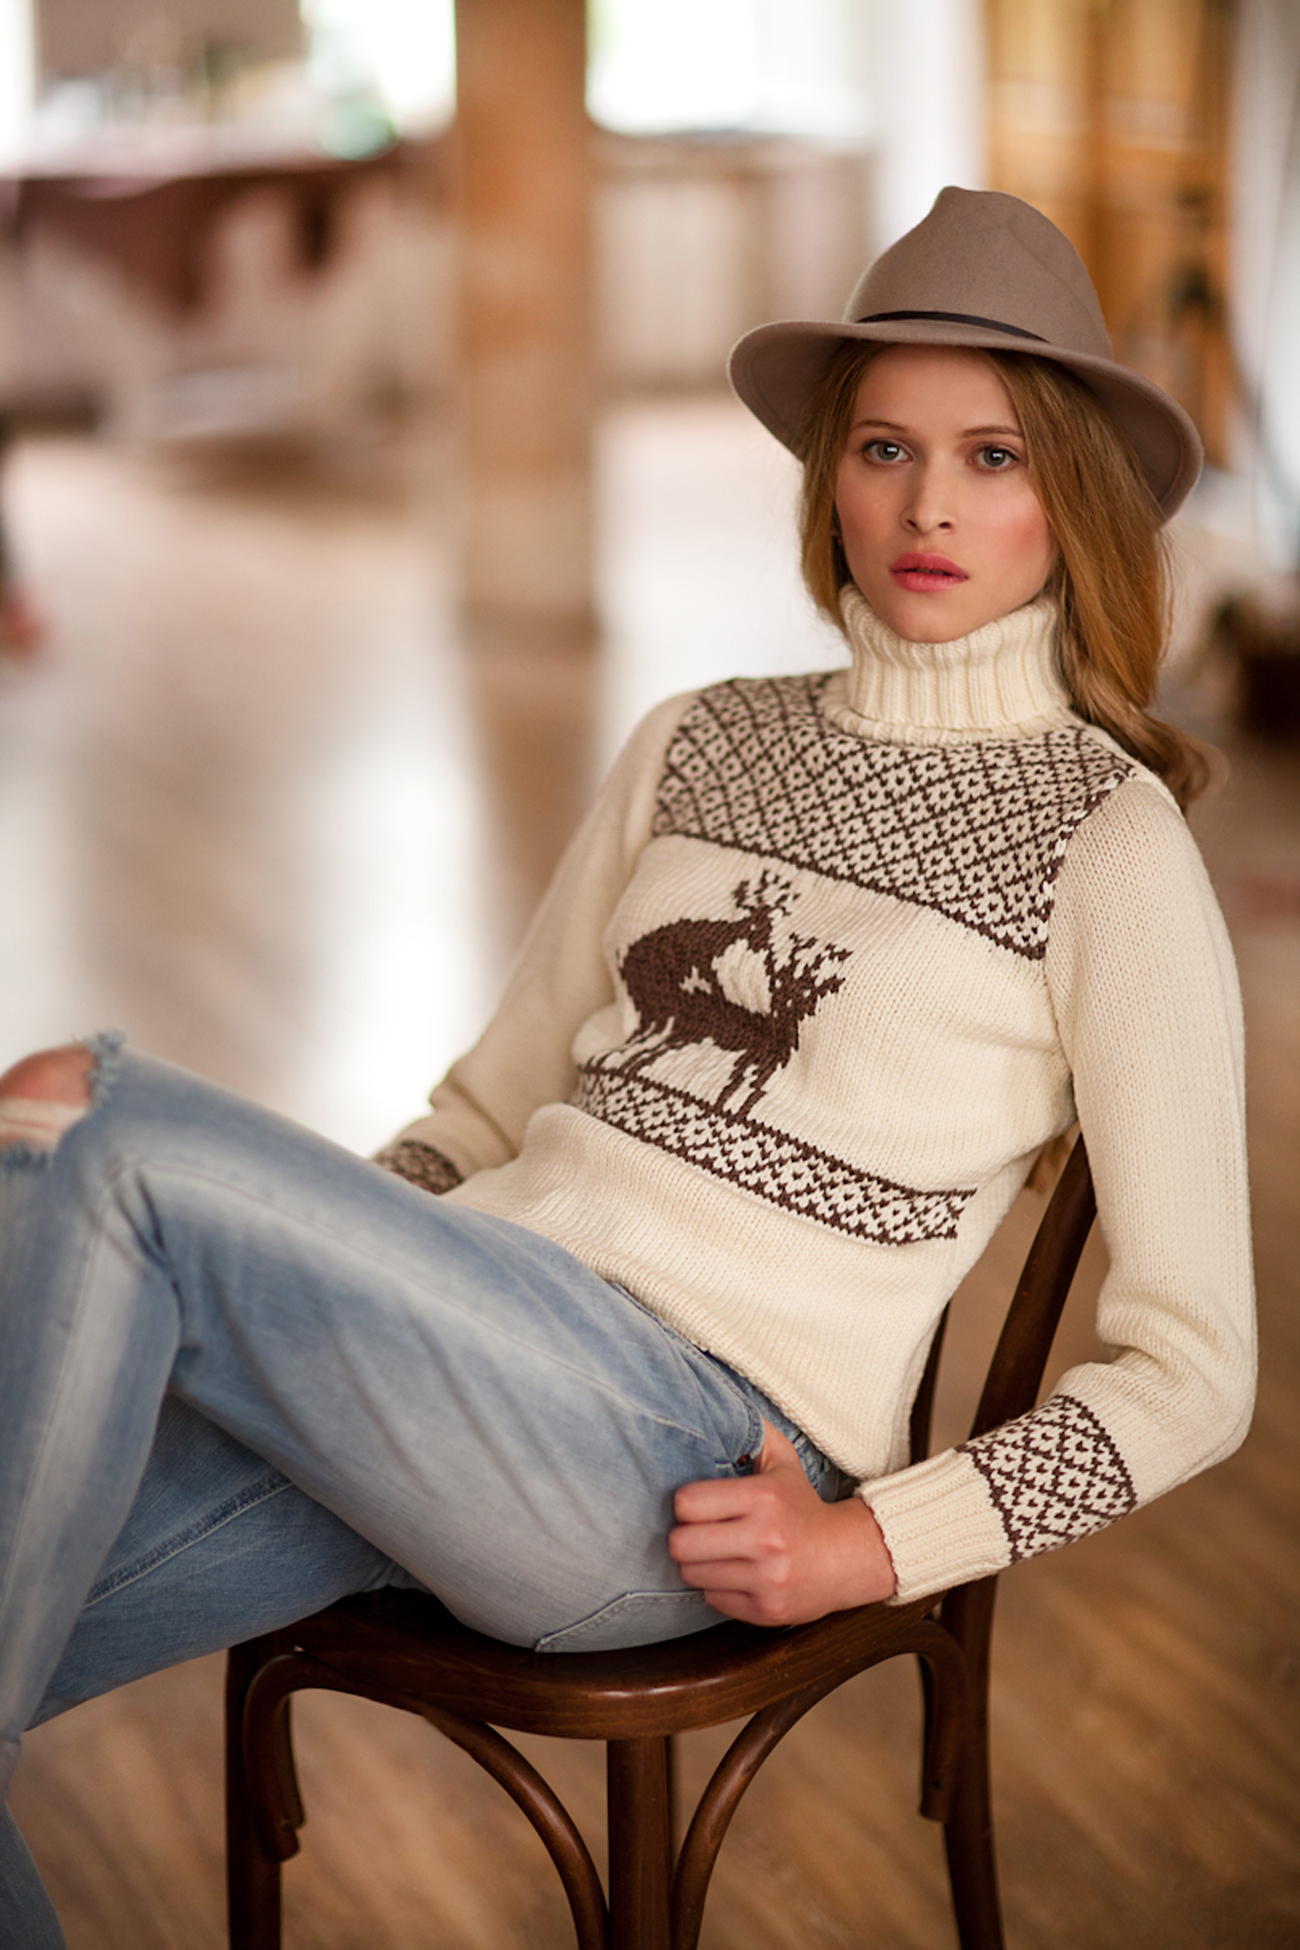 Sweter Rosol. Sumber: Press Photo